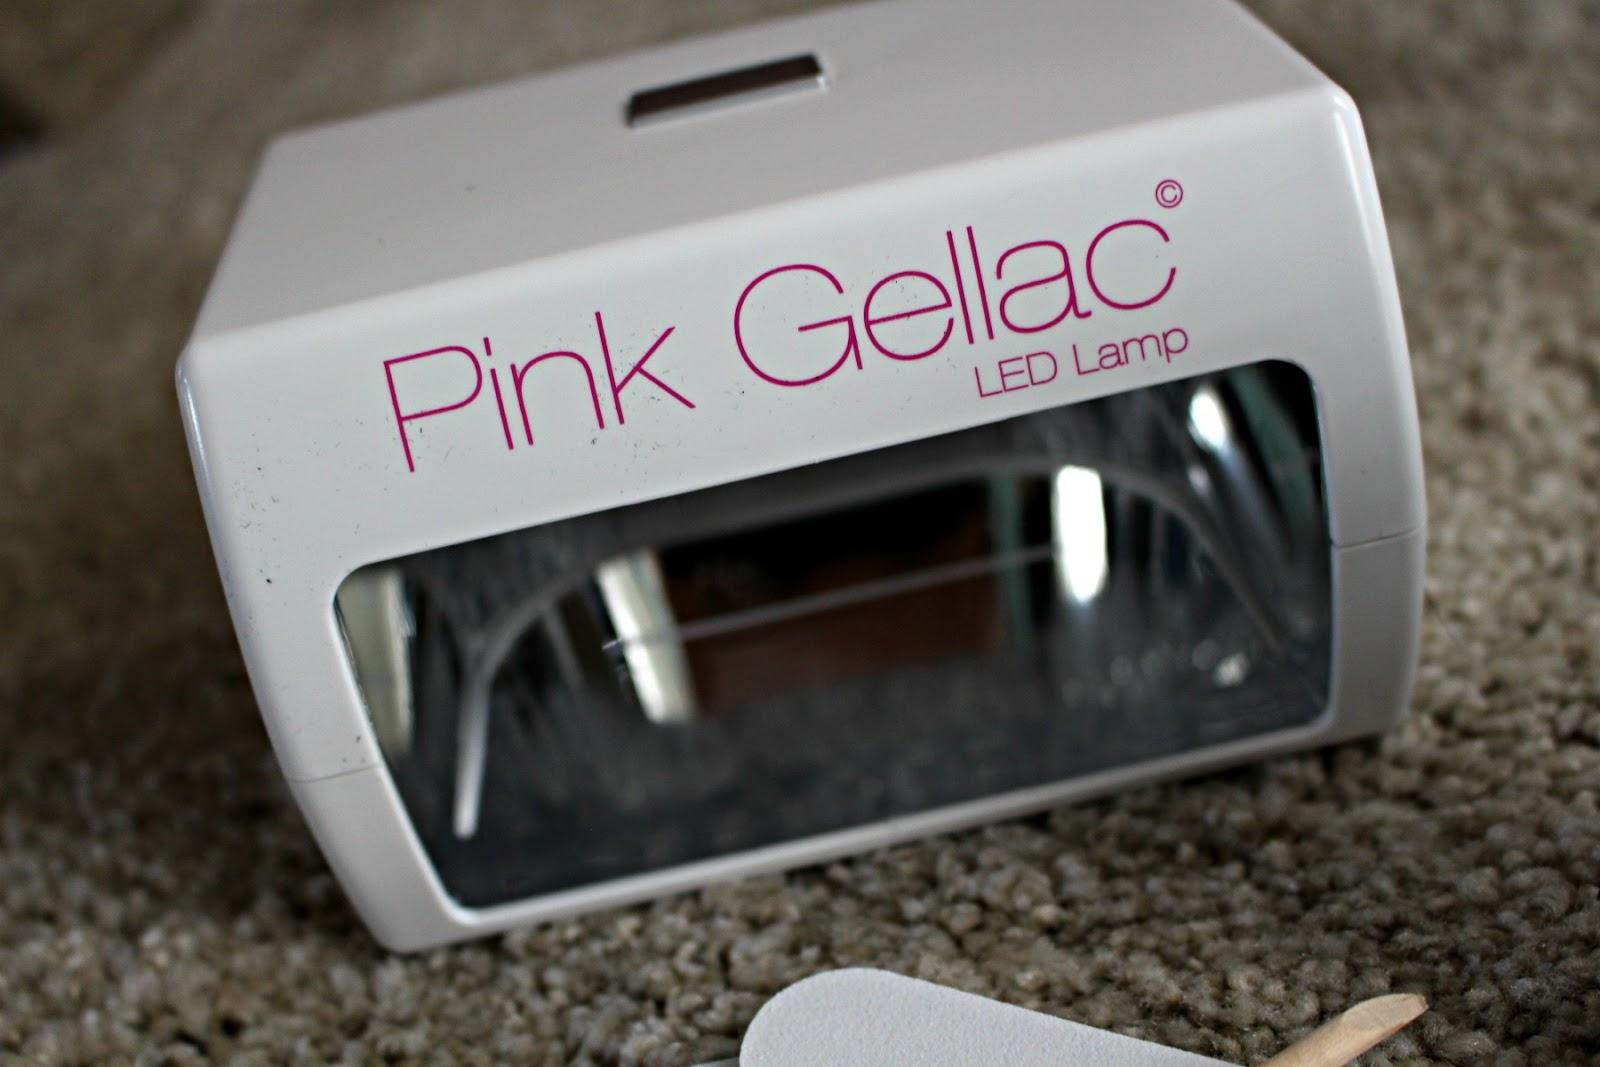 Pink Gellac LED Starterkit